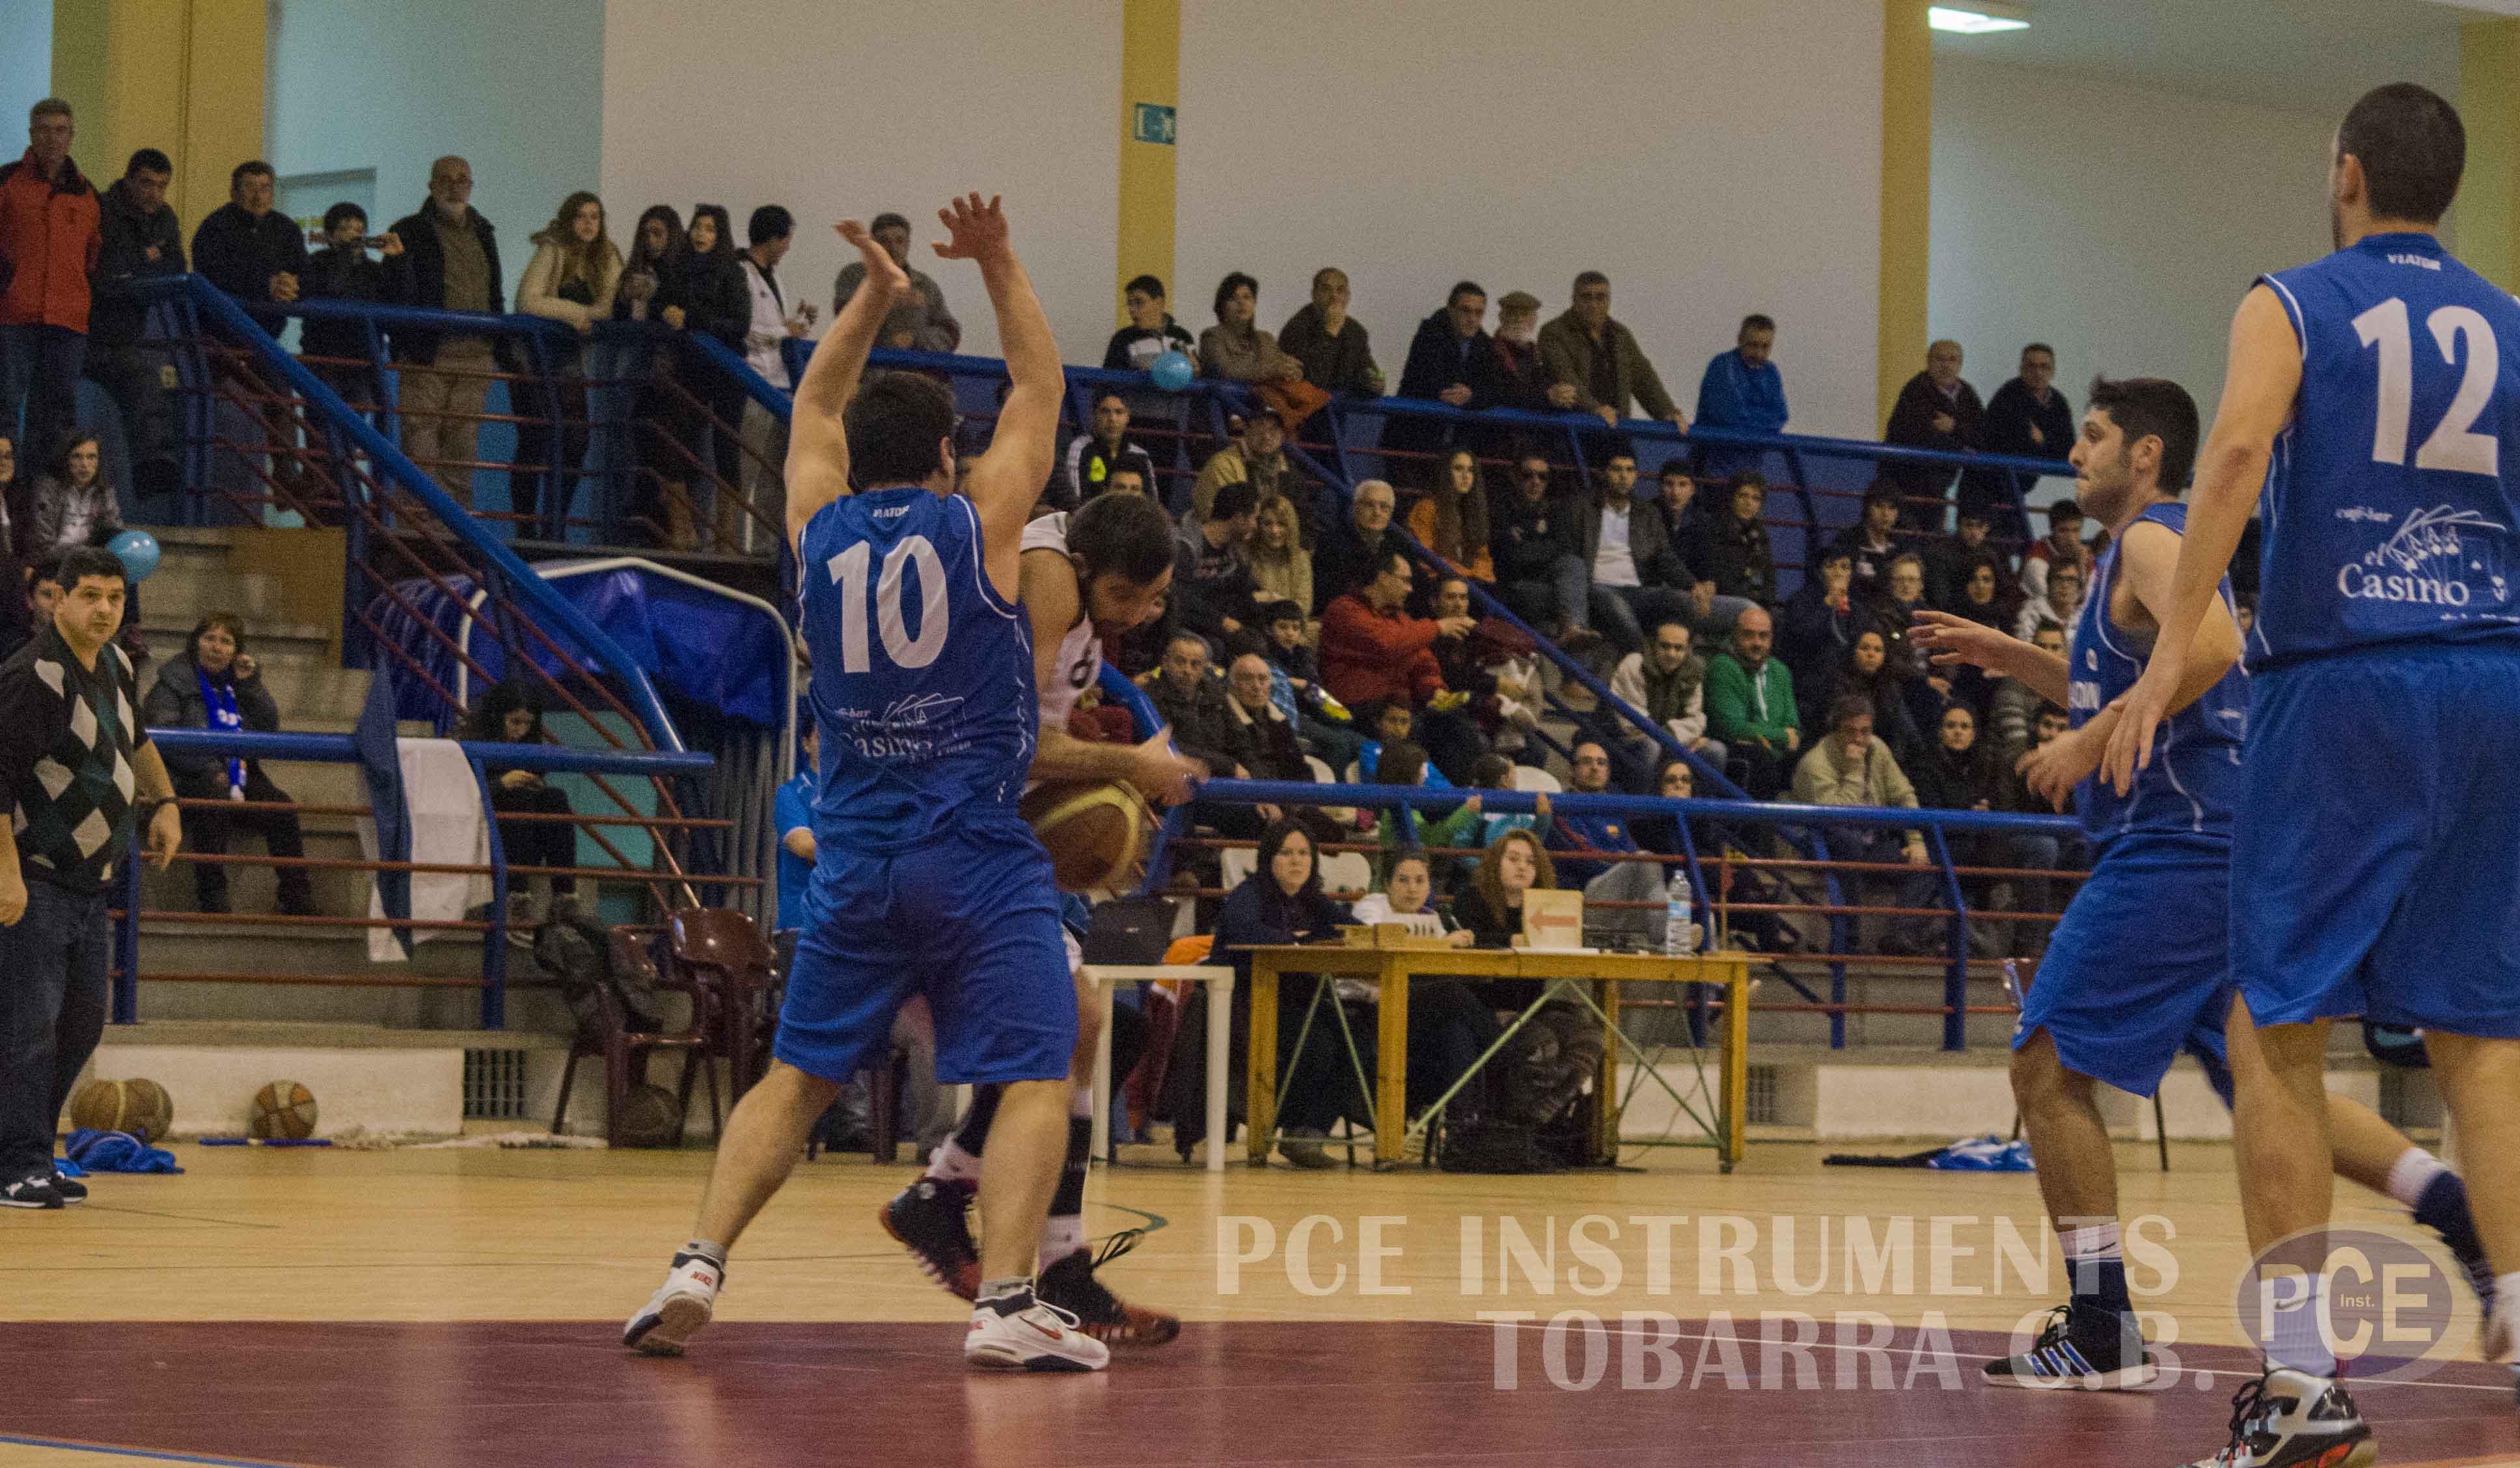 PCE Instruments Tobarra durante un partido (Foto: PCE Instruments Tobarra)